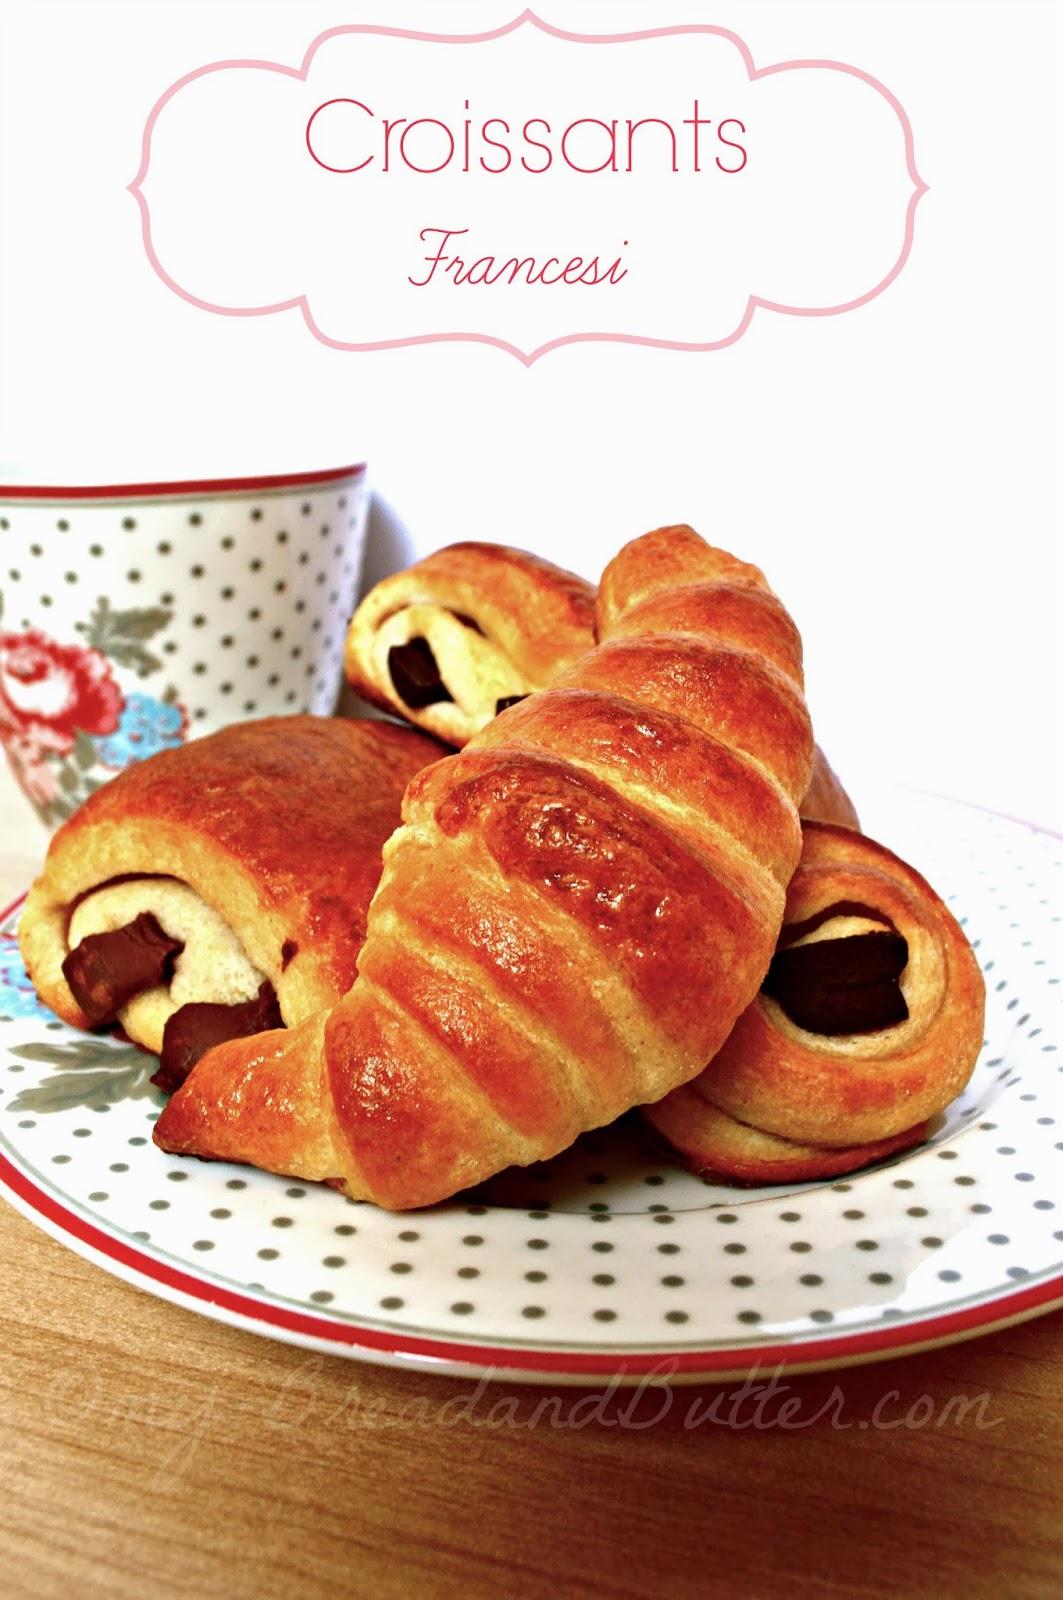 dosi che ho usato io, mi sono venuti 6 pain au chocolat e 4 croissants ...